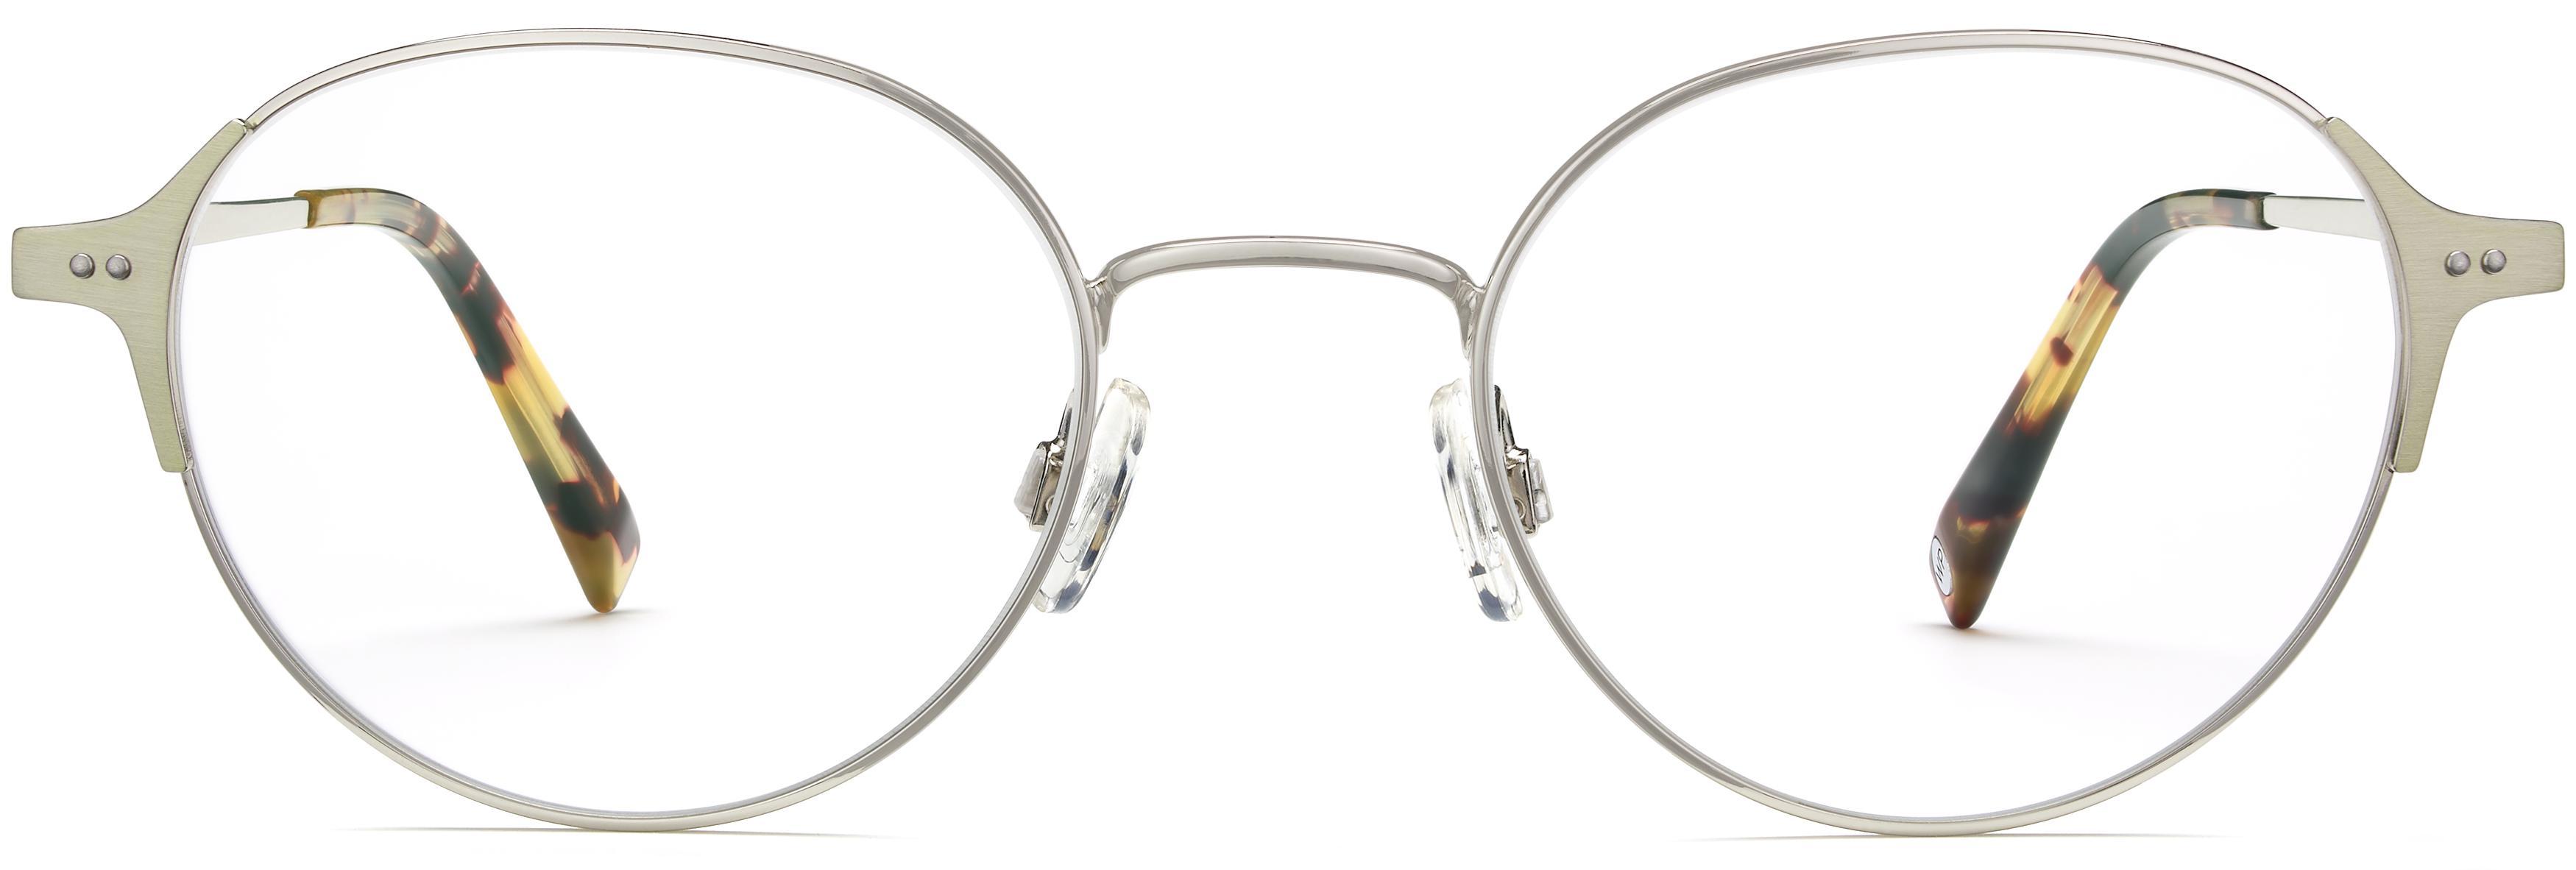 020af8b416e Men s Eyeglasses